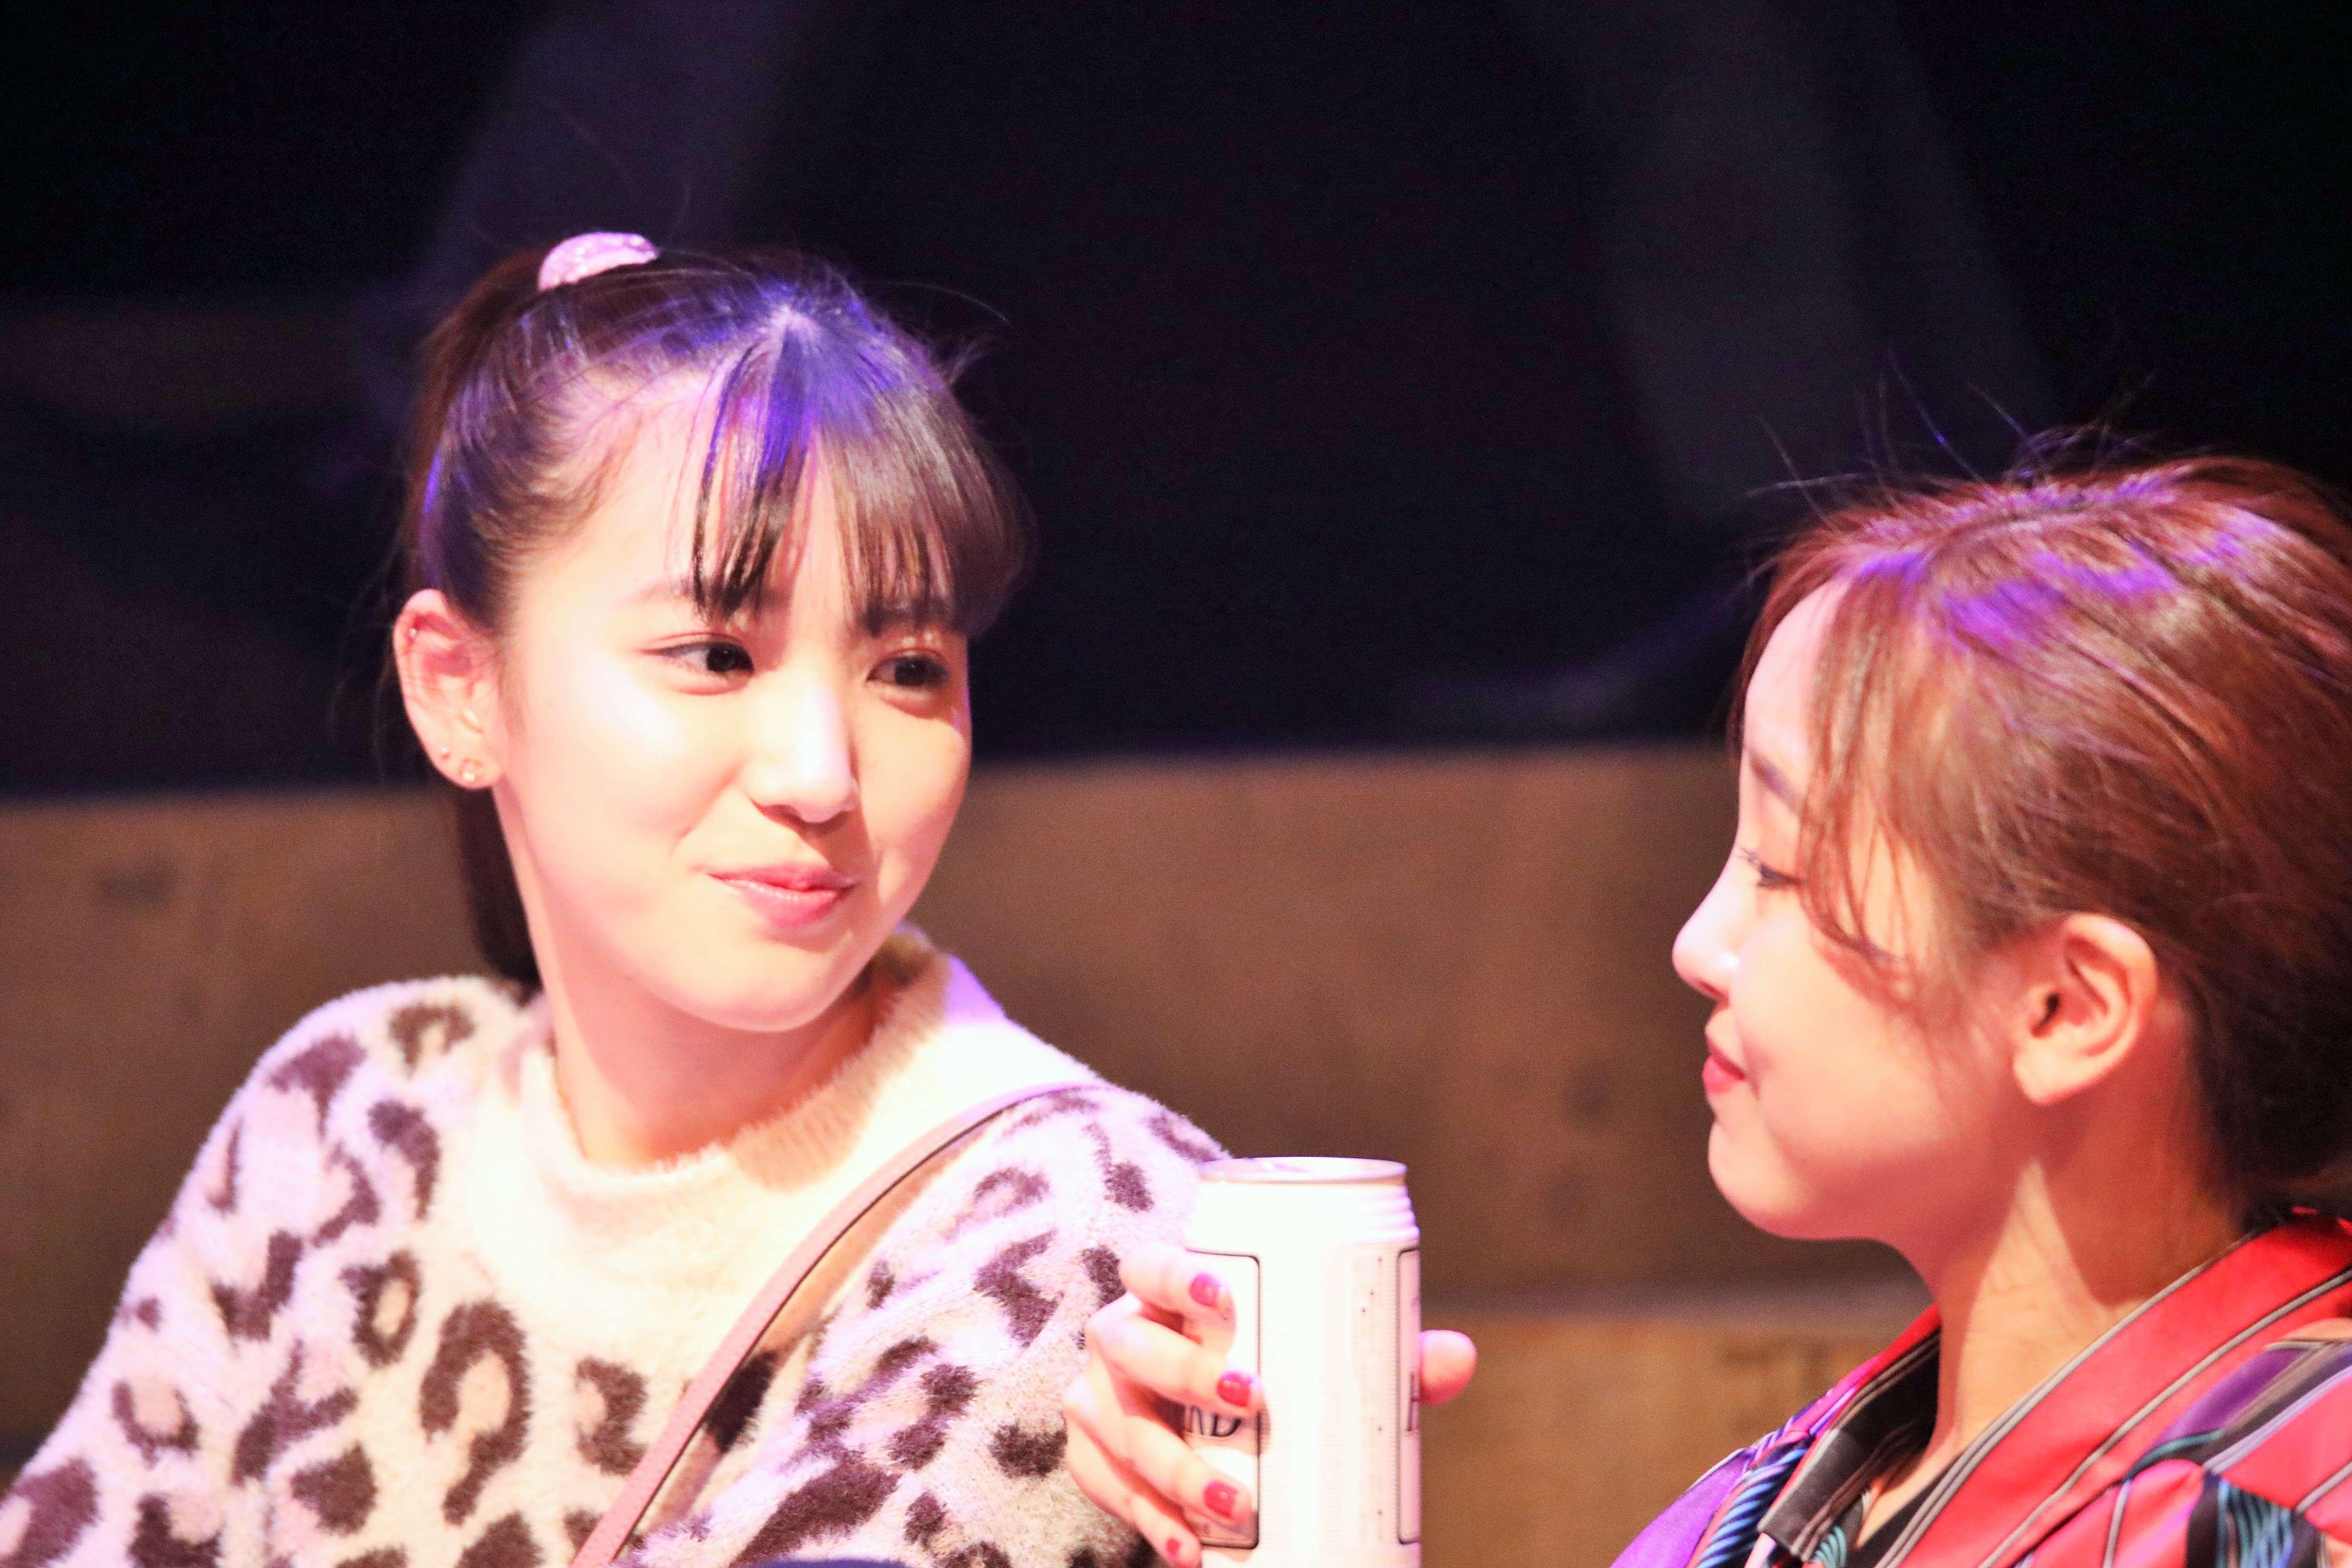 内野沙耶役を演じる下尾みう(左)画像の無断転載・アップロードは一切禁止。